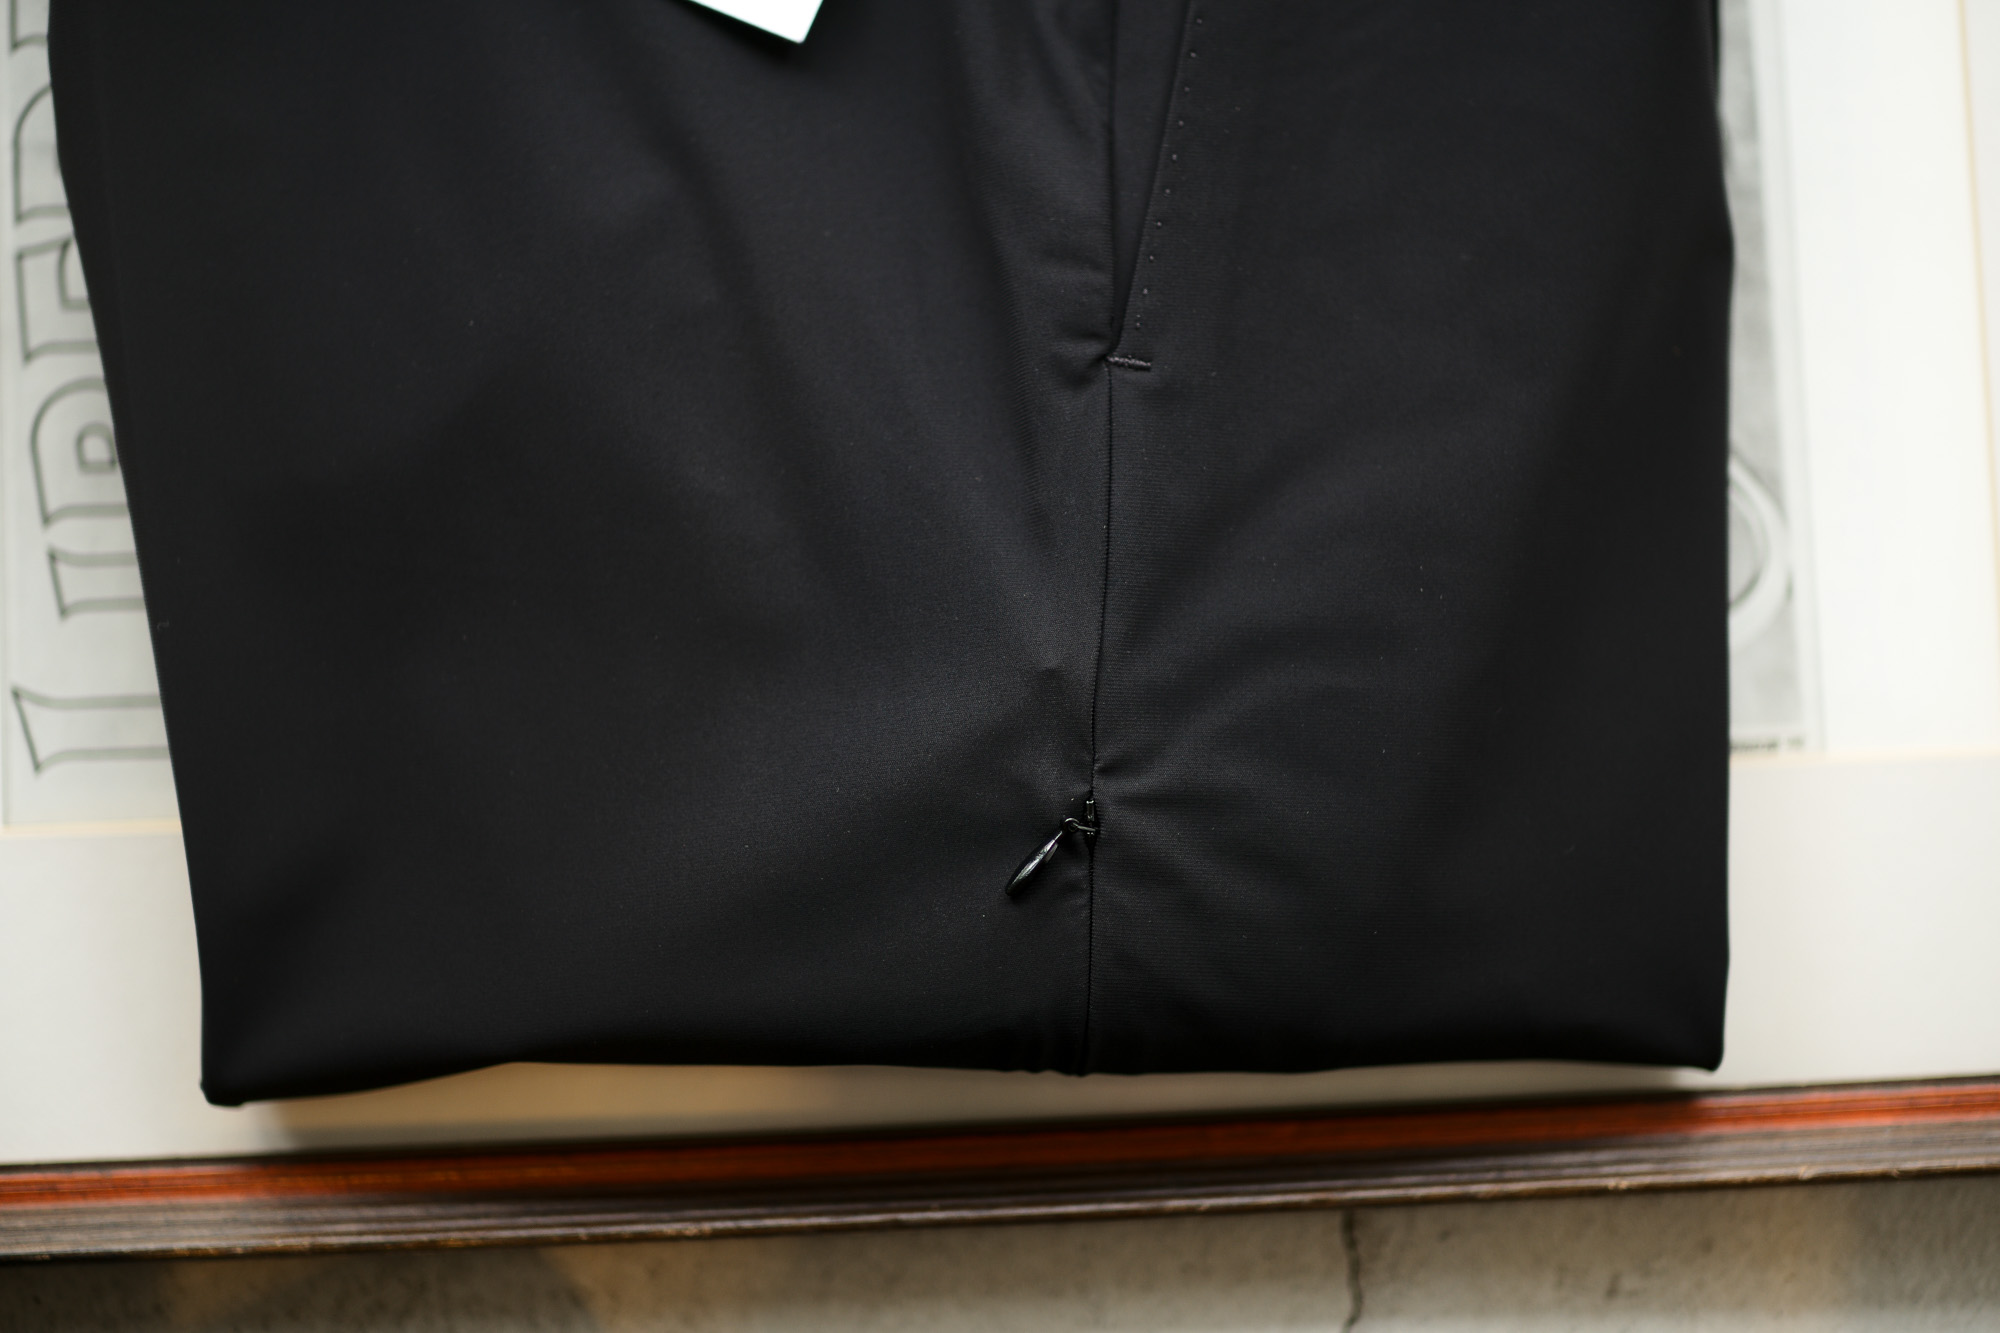 PT TORINO(ピーティートリノ) Active (アクティブ) KULT BETA ストレッチ ウォッシャブル ナイロン ワンプリーツ スラックス BLACK (ブラック・0990) 2020 春夏新作 pttorino 愛知 名古屋 altoediritto アルトエデリット